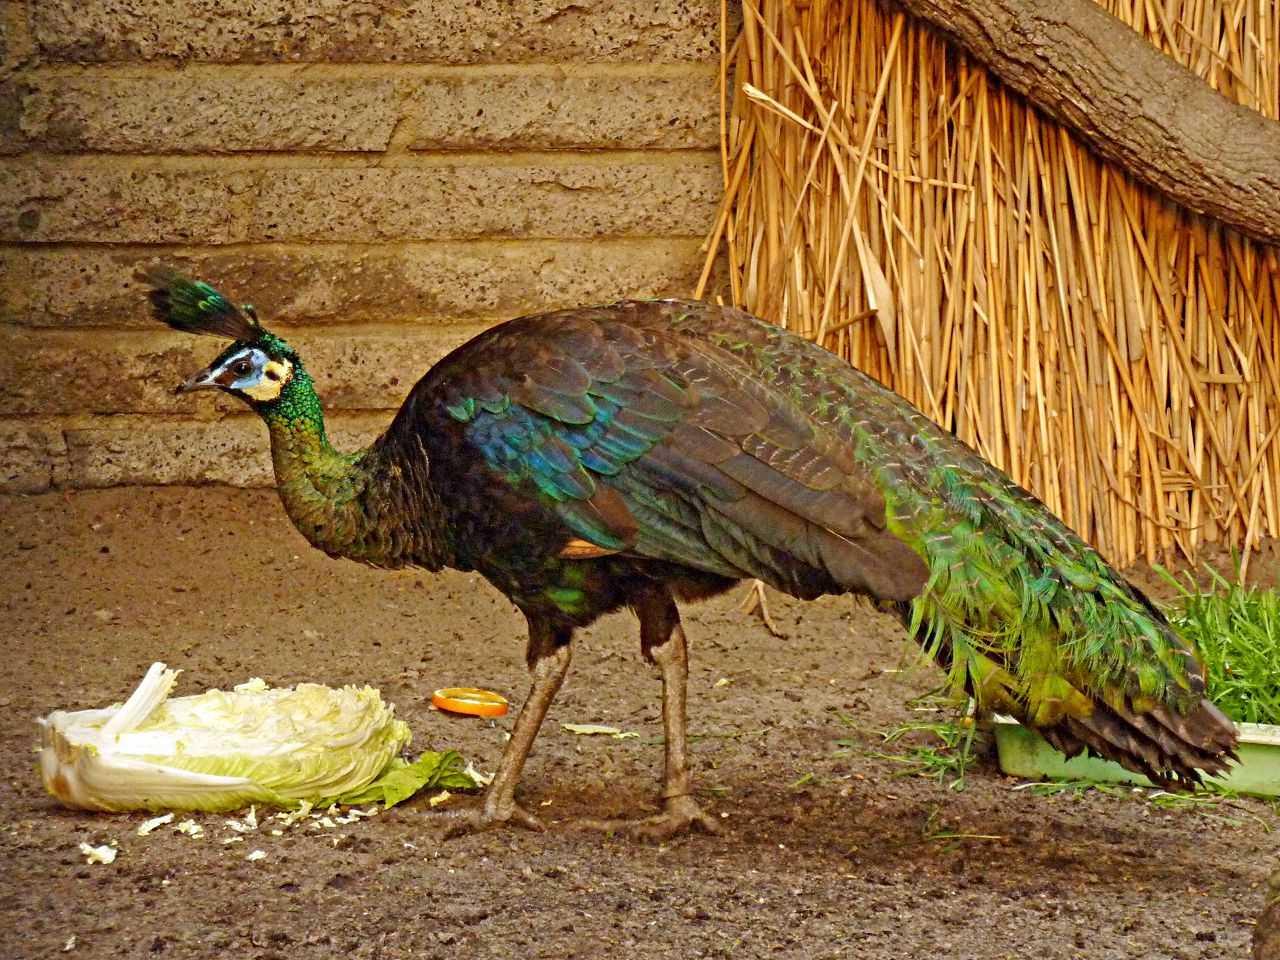 pavliny-foto-opisanie-pticzy-osobennosti-soderzhaniya-v-domashnem-hozyajstve-13